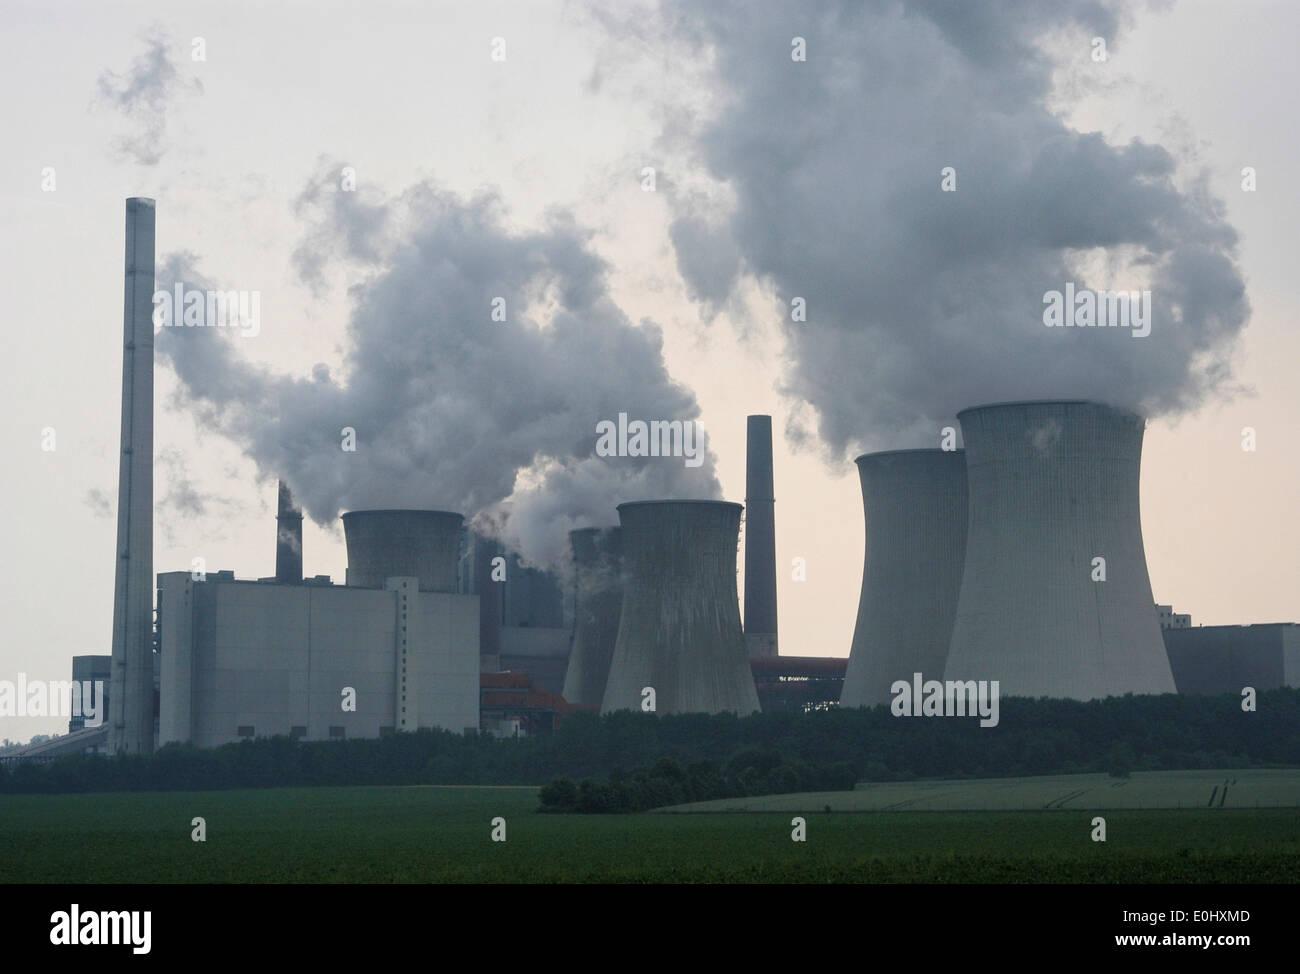 Kamin Köln deutschland nahe köln kraftwerk industrie kamin rauch aber